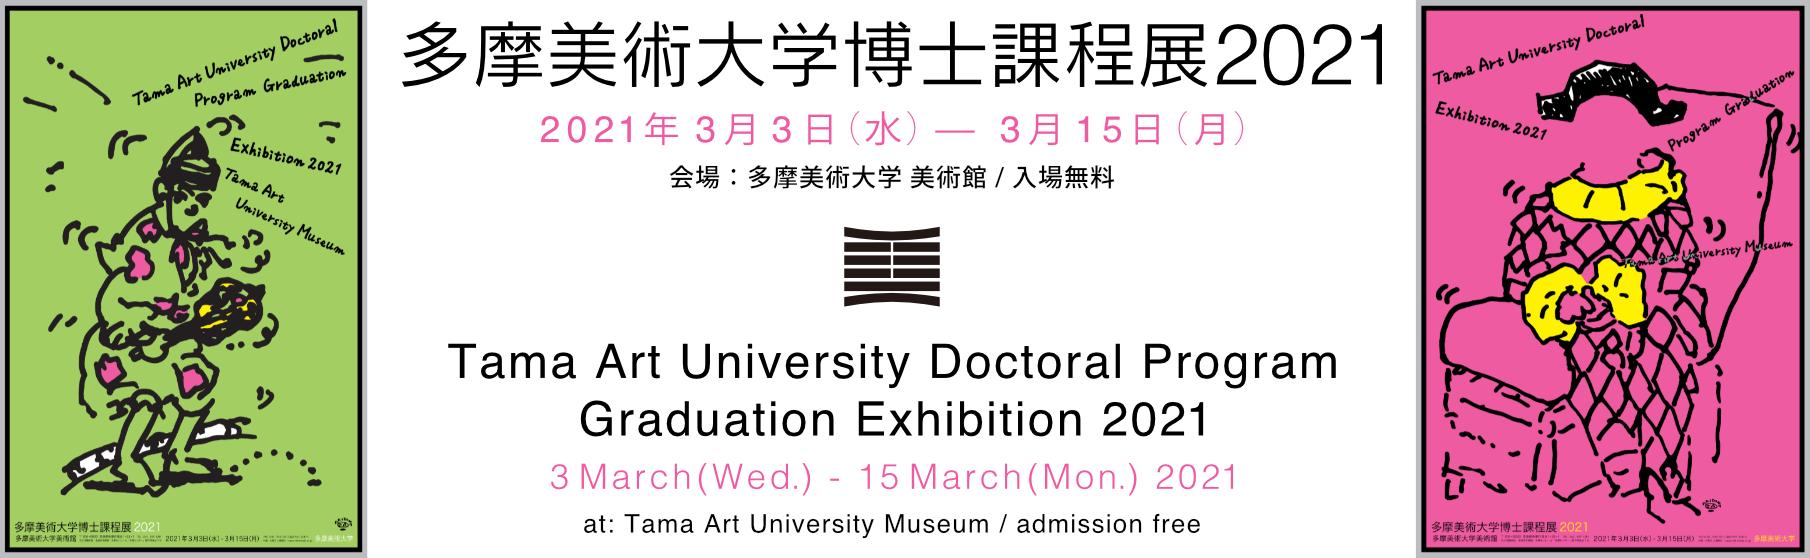 多摩美術大学博士課程展2021